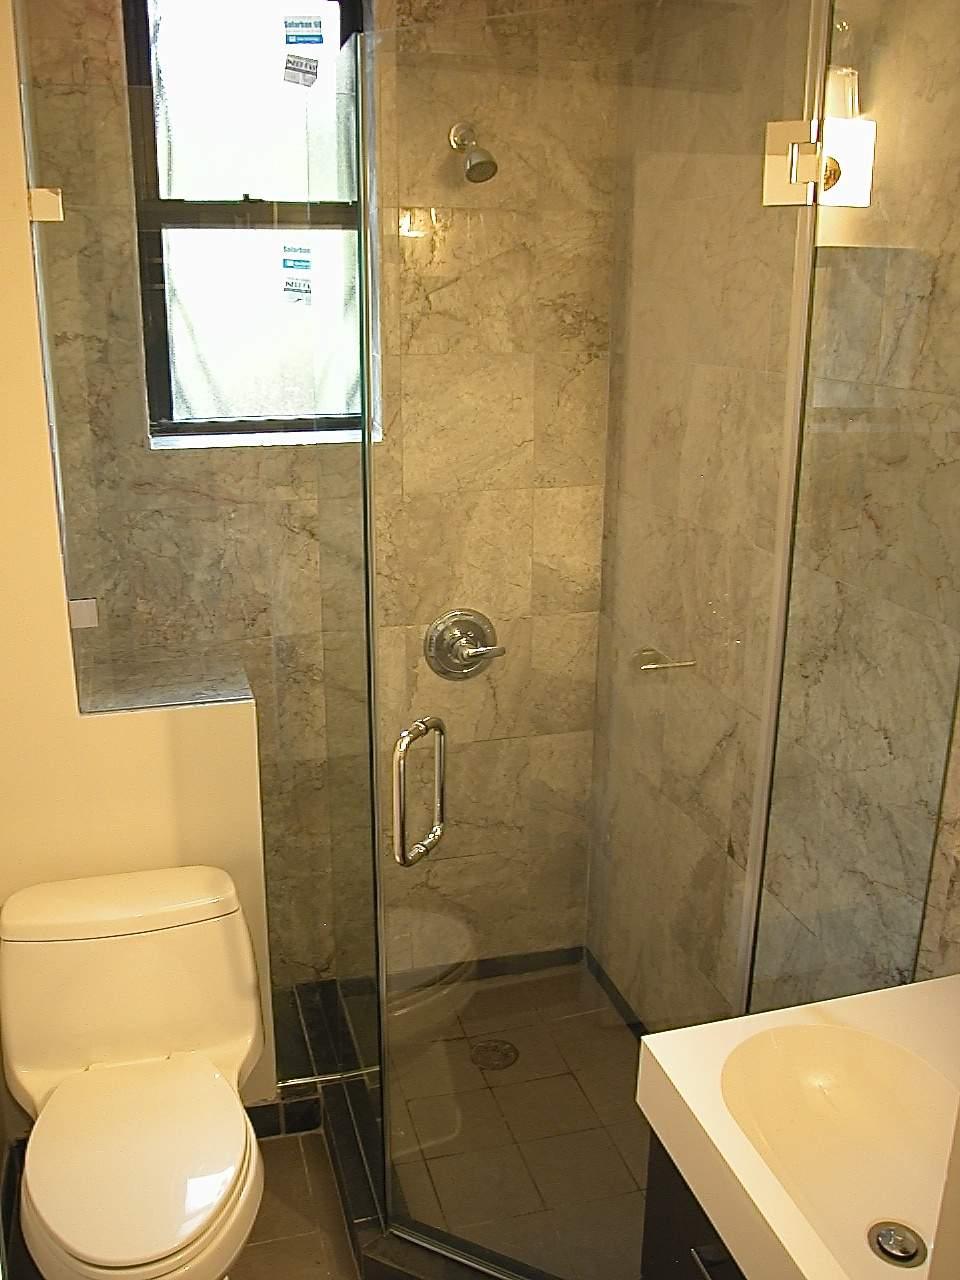 Neo+90** copy - Manhattan Shower Doors